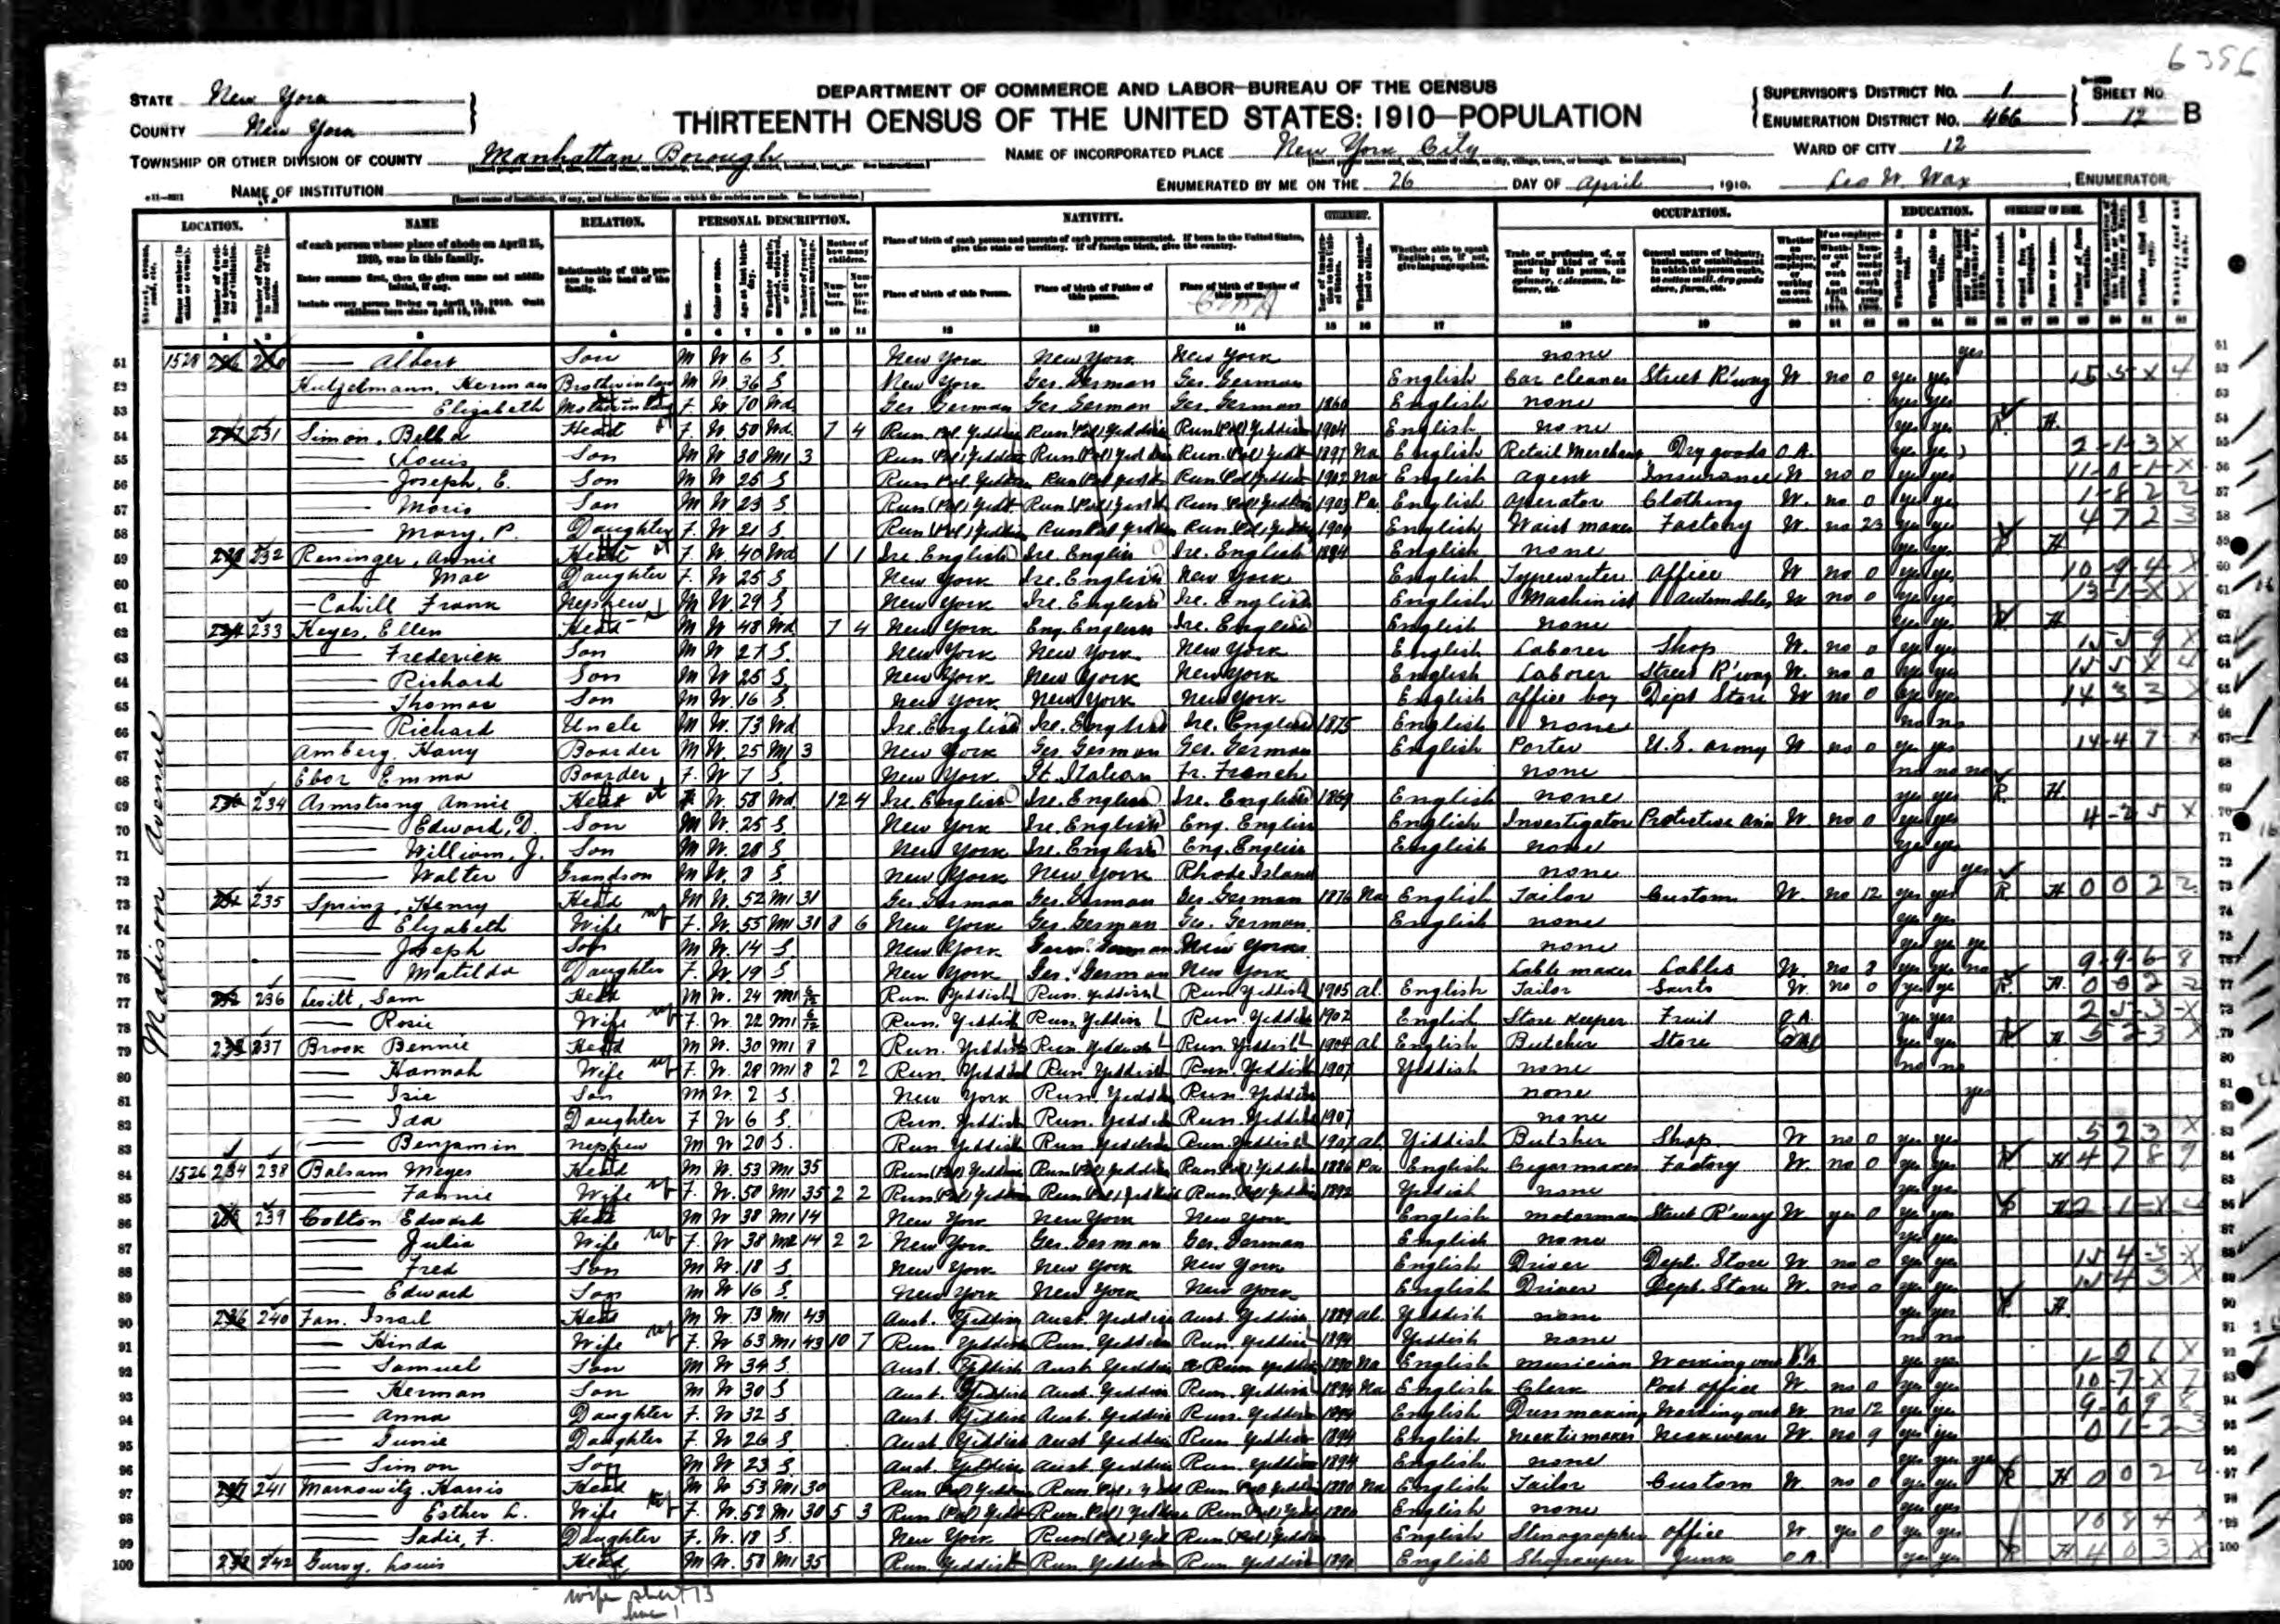 Sources Hair Clipper Nova Nhc 5201 Sj0048 1910 Us Census Henry Sprinz New York Manhattan 26 Apr Http Contentancestrycom Browse Print Uaspxdbiidnyt624 1019 0870